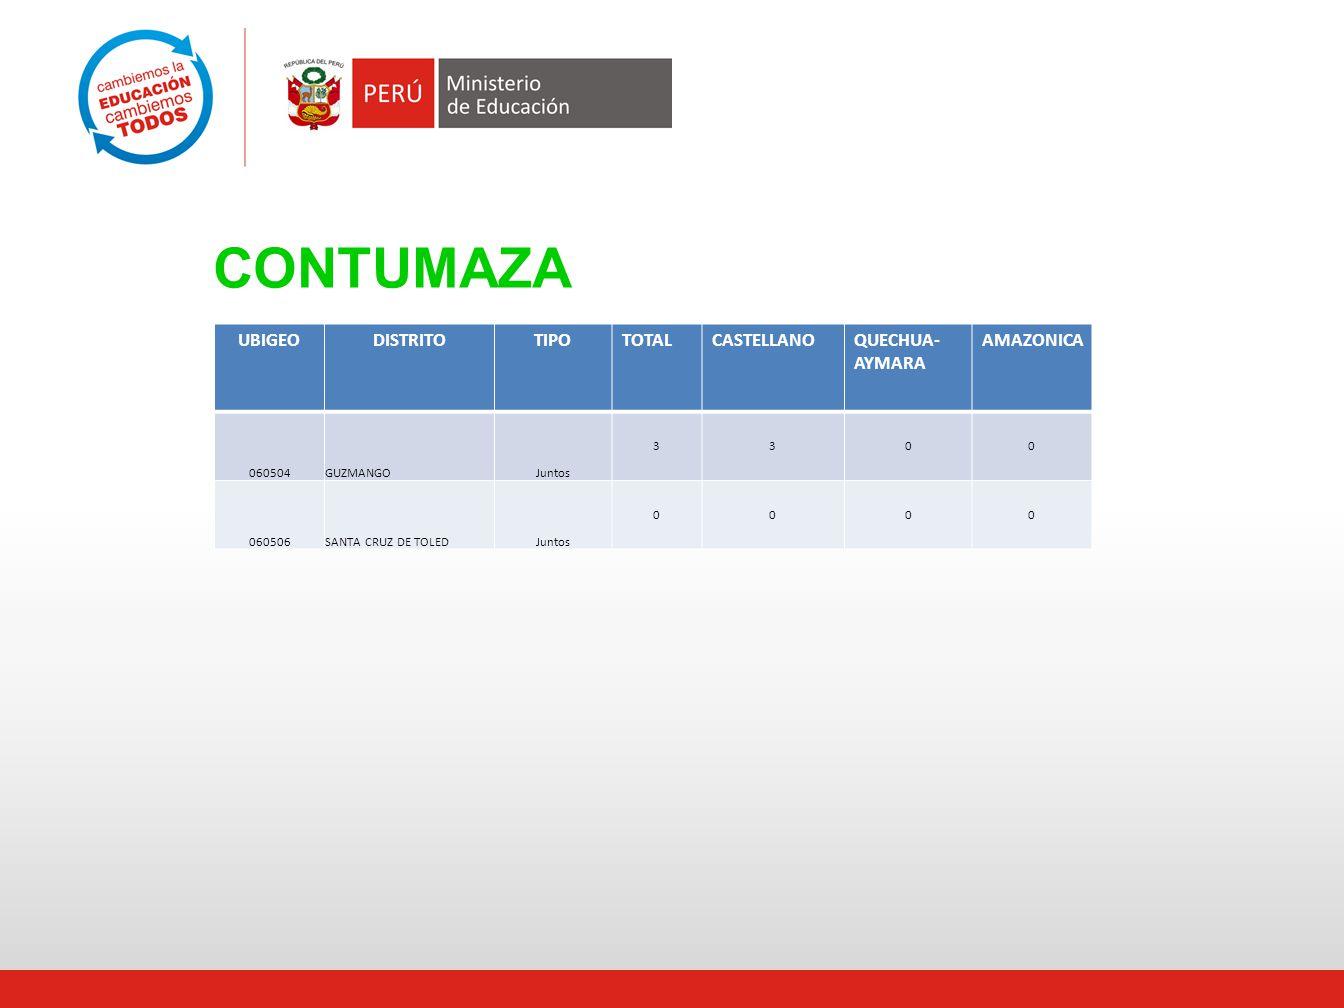 CONTUMAZA UBIGEODISTRITOTIPOTOTALCASTELLANOQUECHUA- AYMARA AMAZONICA 060504GUZMANGOJuntos 3300 060506SANTA CRUZ DE TOLEDJuntos 0000